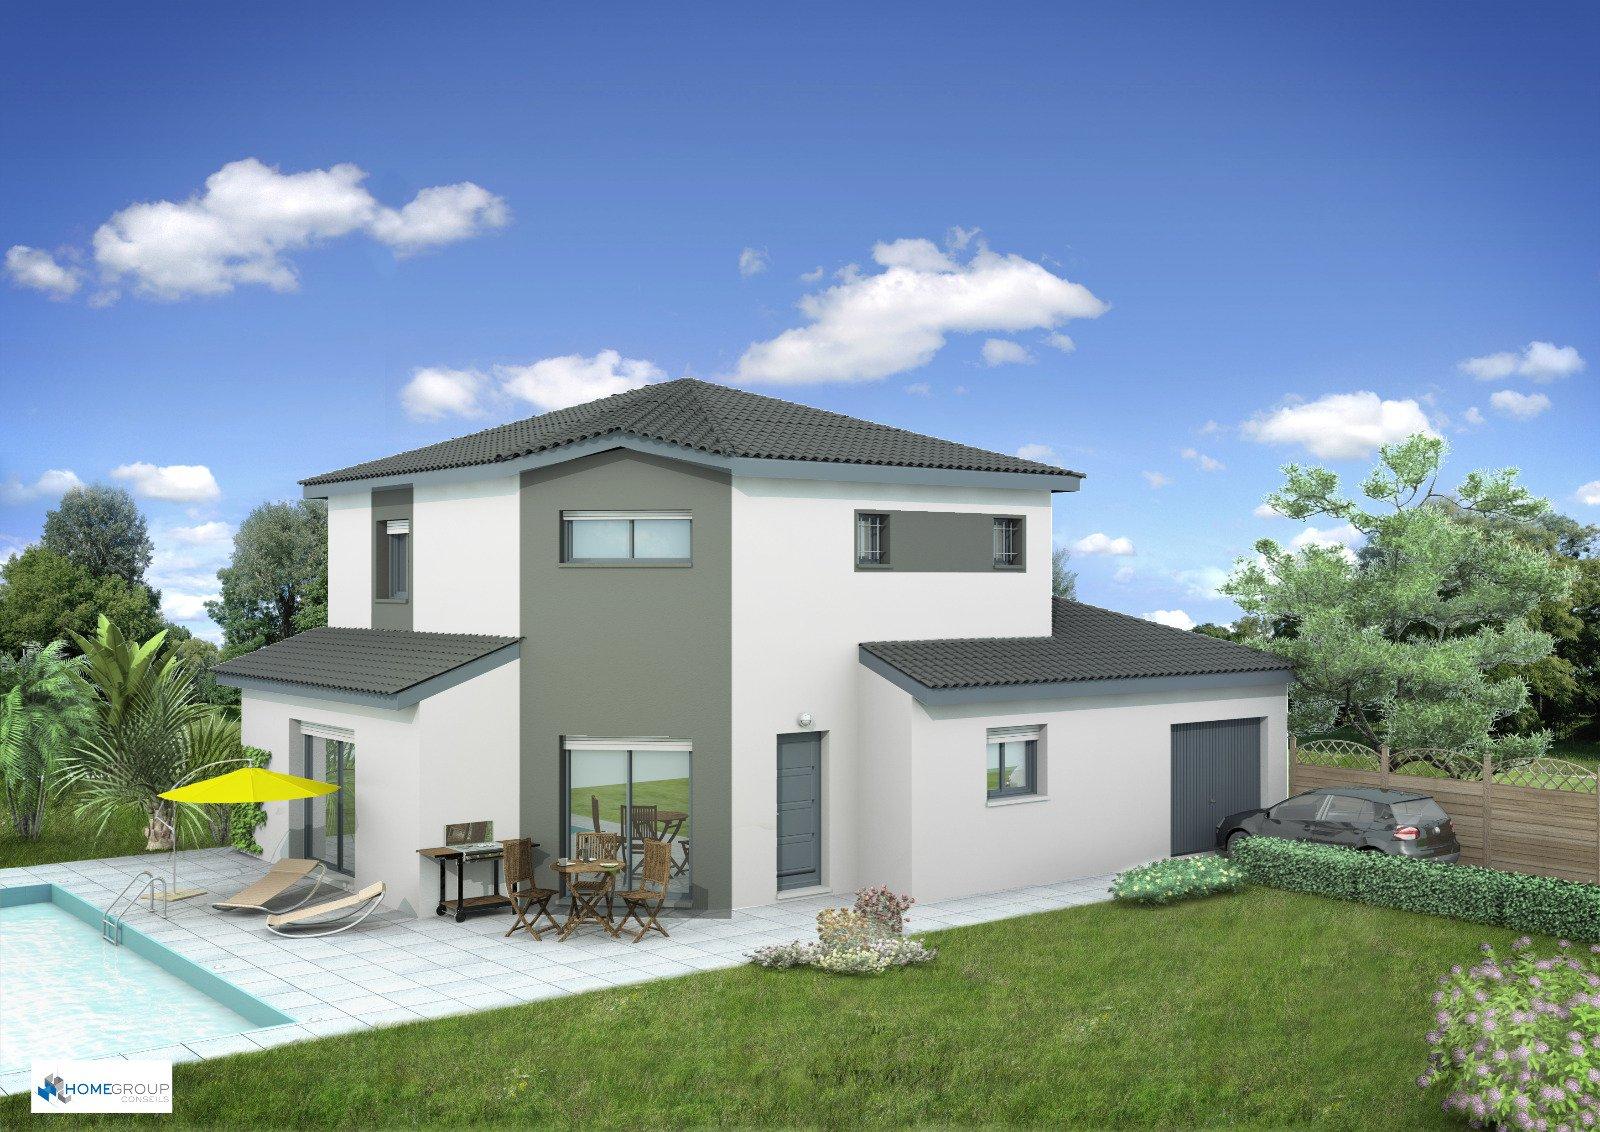 Maisons du constructeur HOME GROUP CONSEILS • 90 m² • MOIRANS